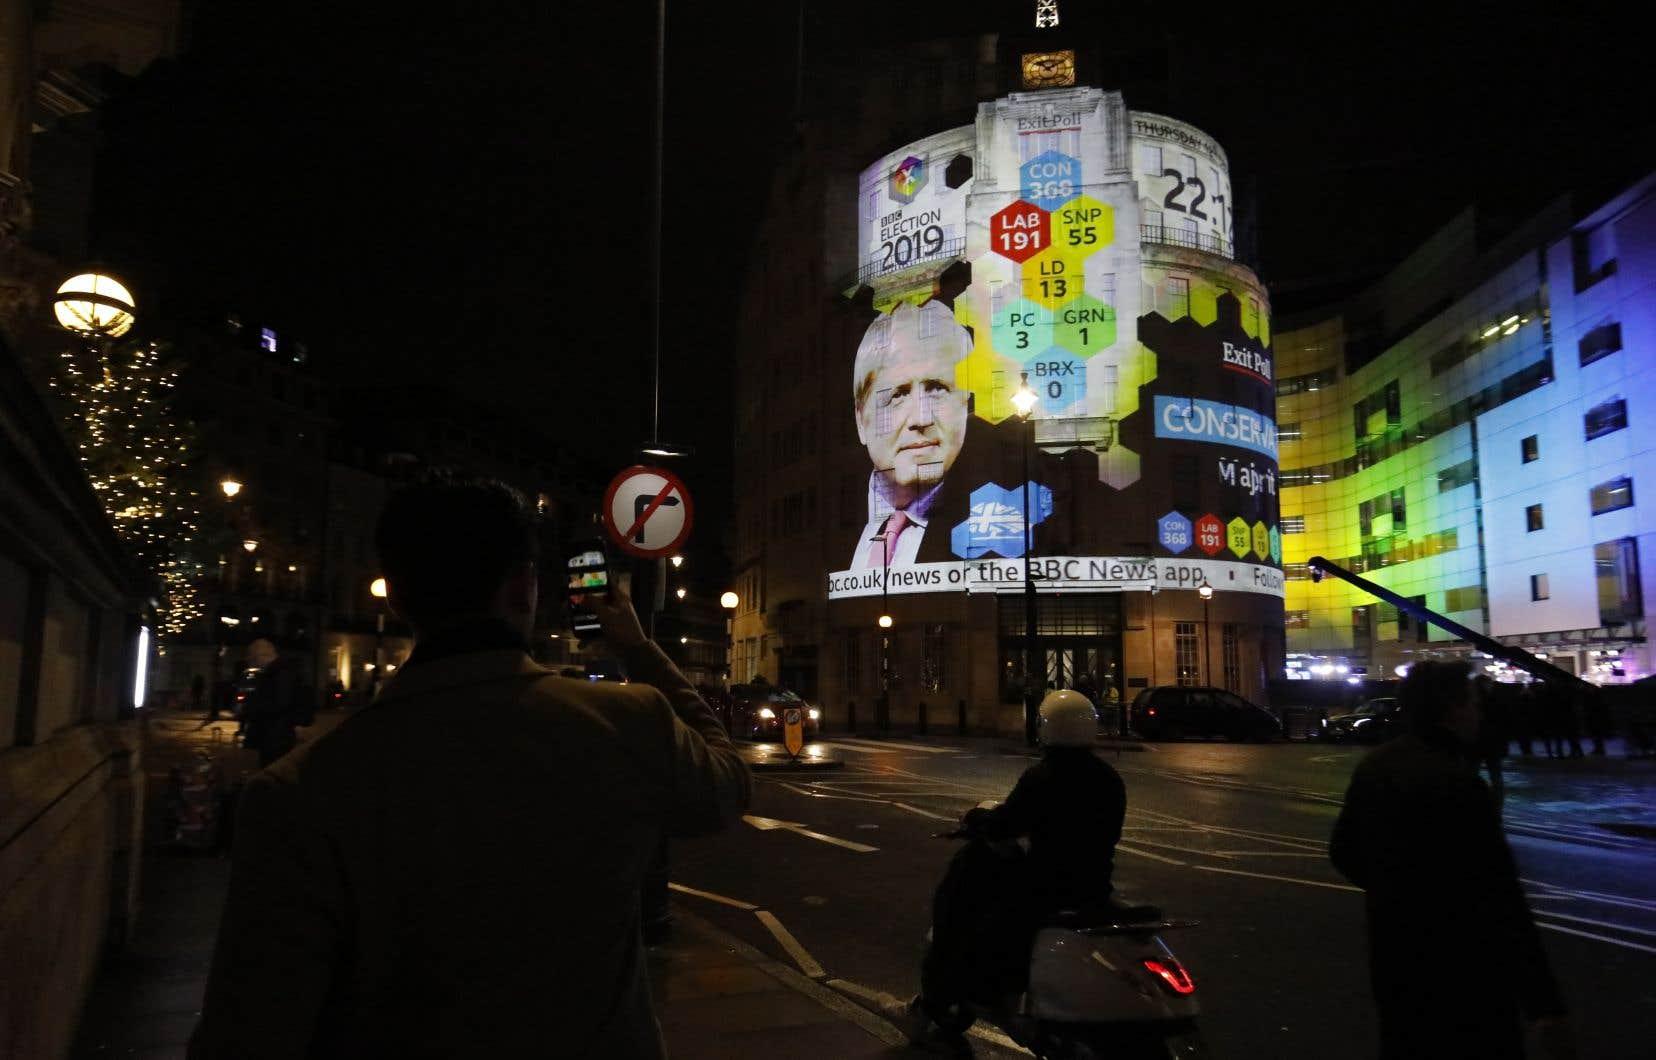 En Europe, plusieurs médias évoquent le début d'une nouvelle ère.